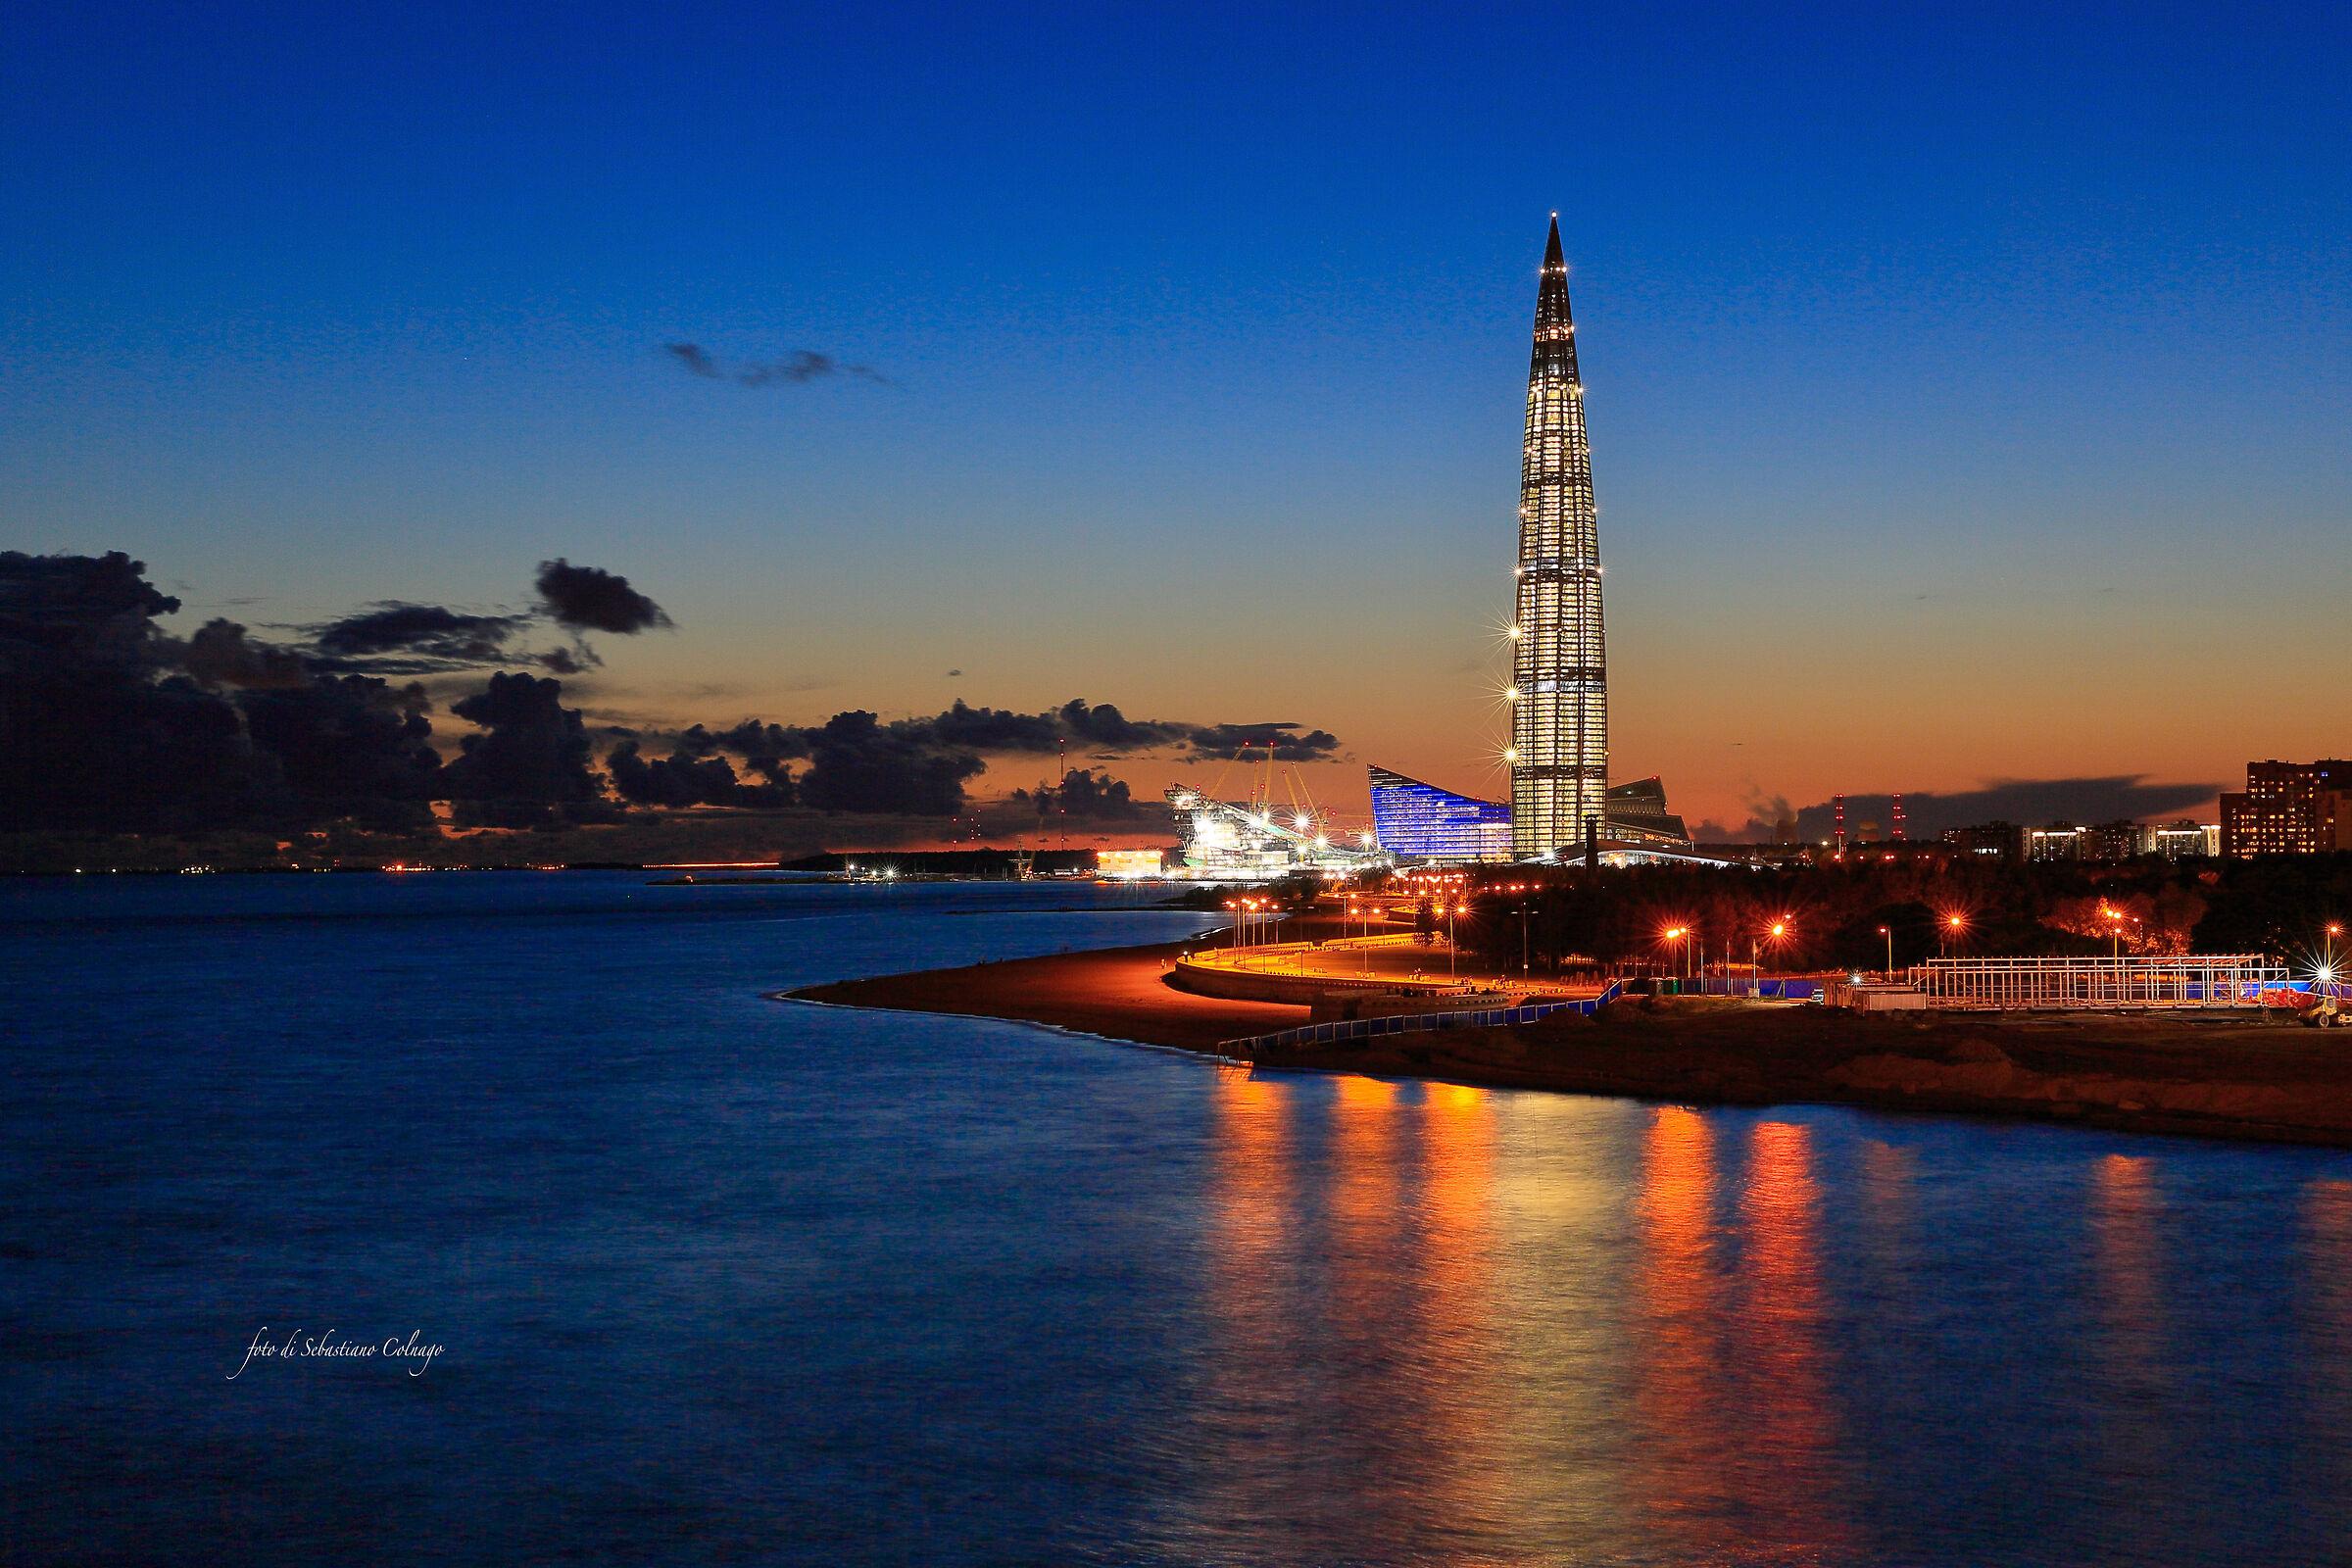 Gazprom Tower...